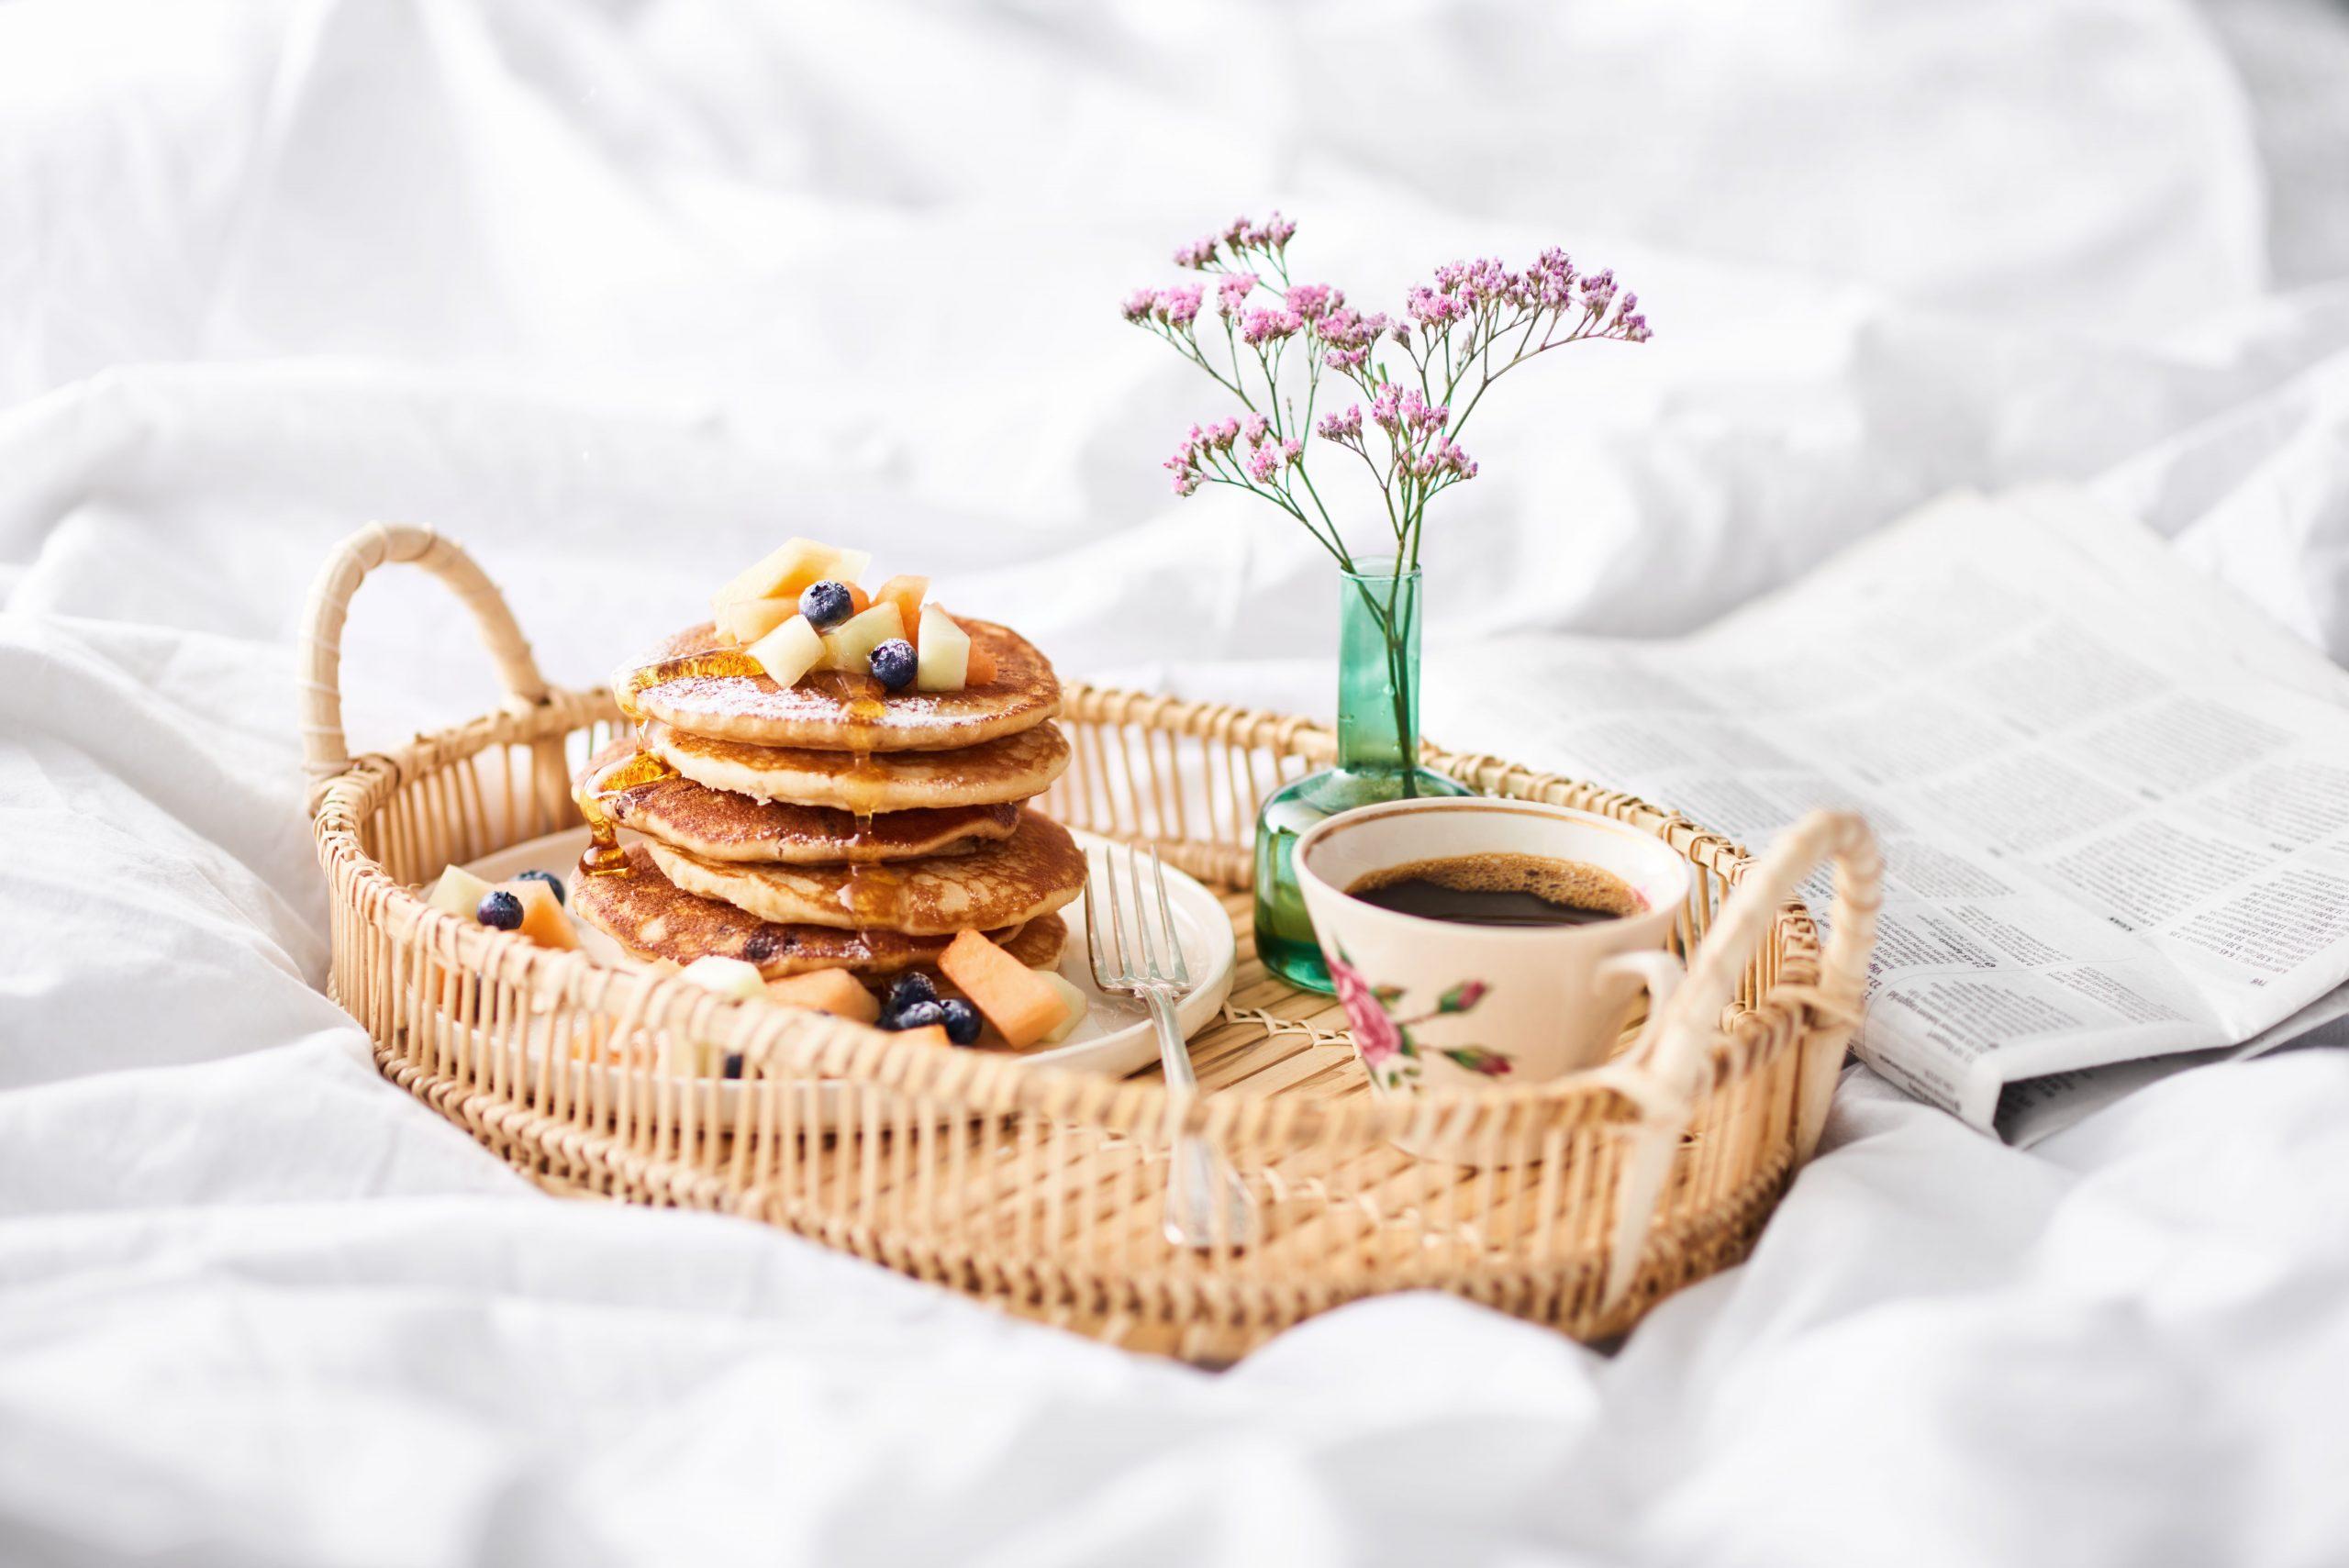 En hög med pannkakor vackert uppdukat i en korg på sängen.